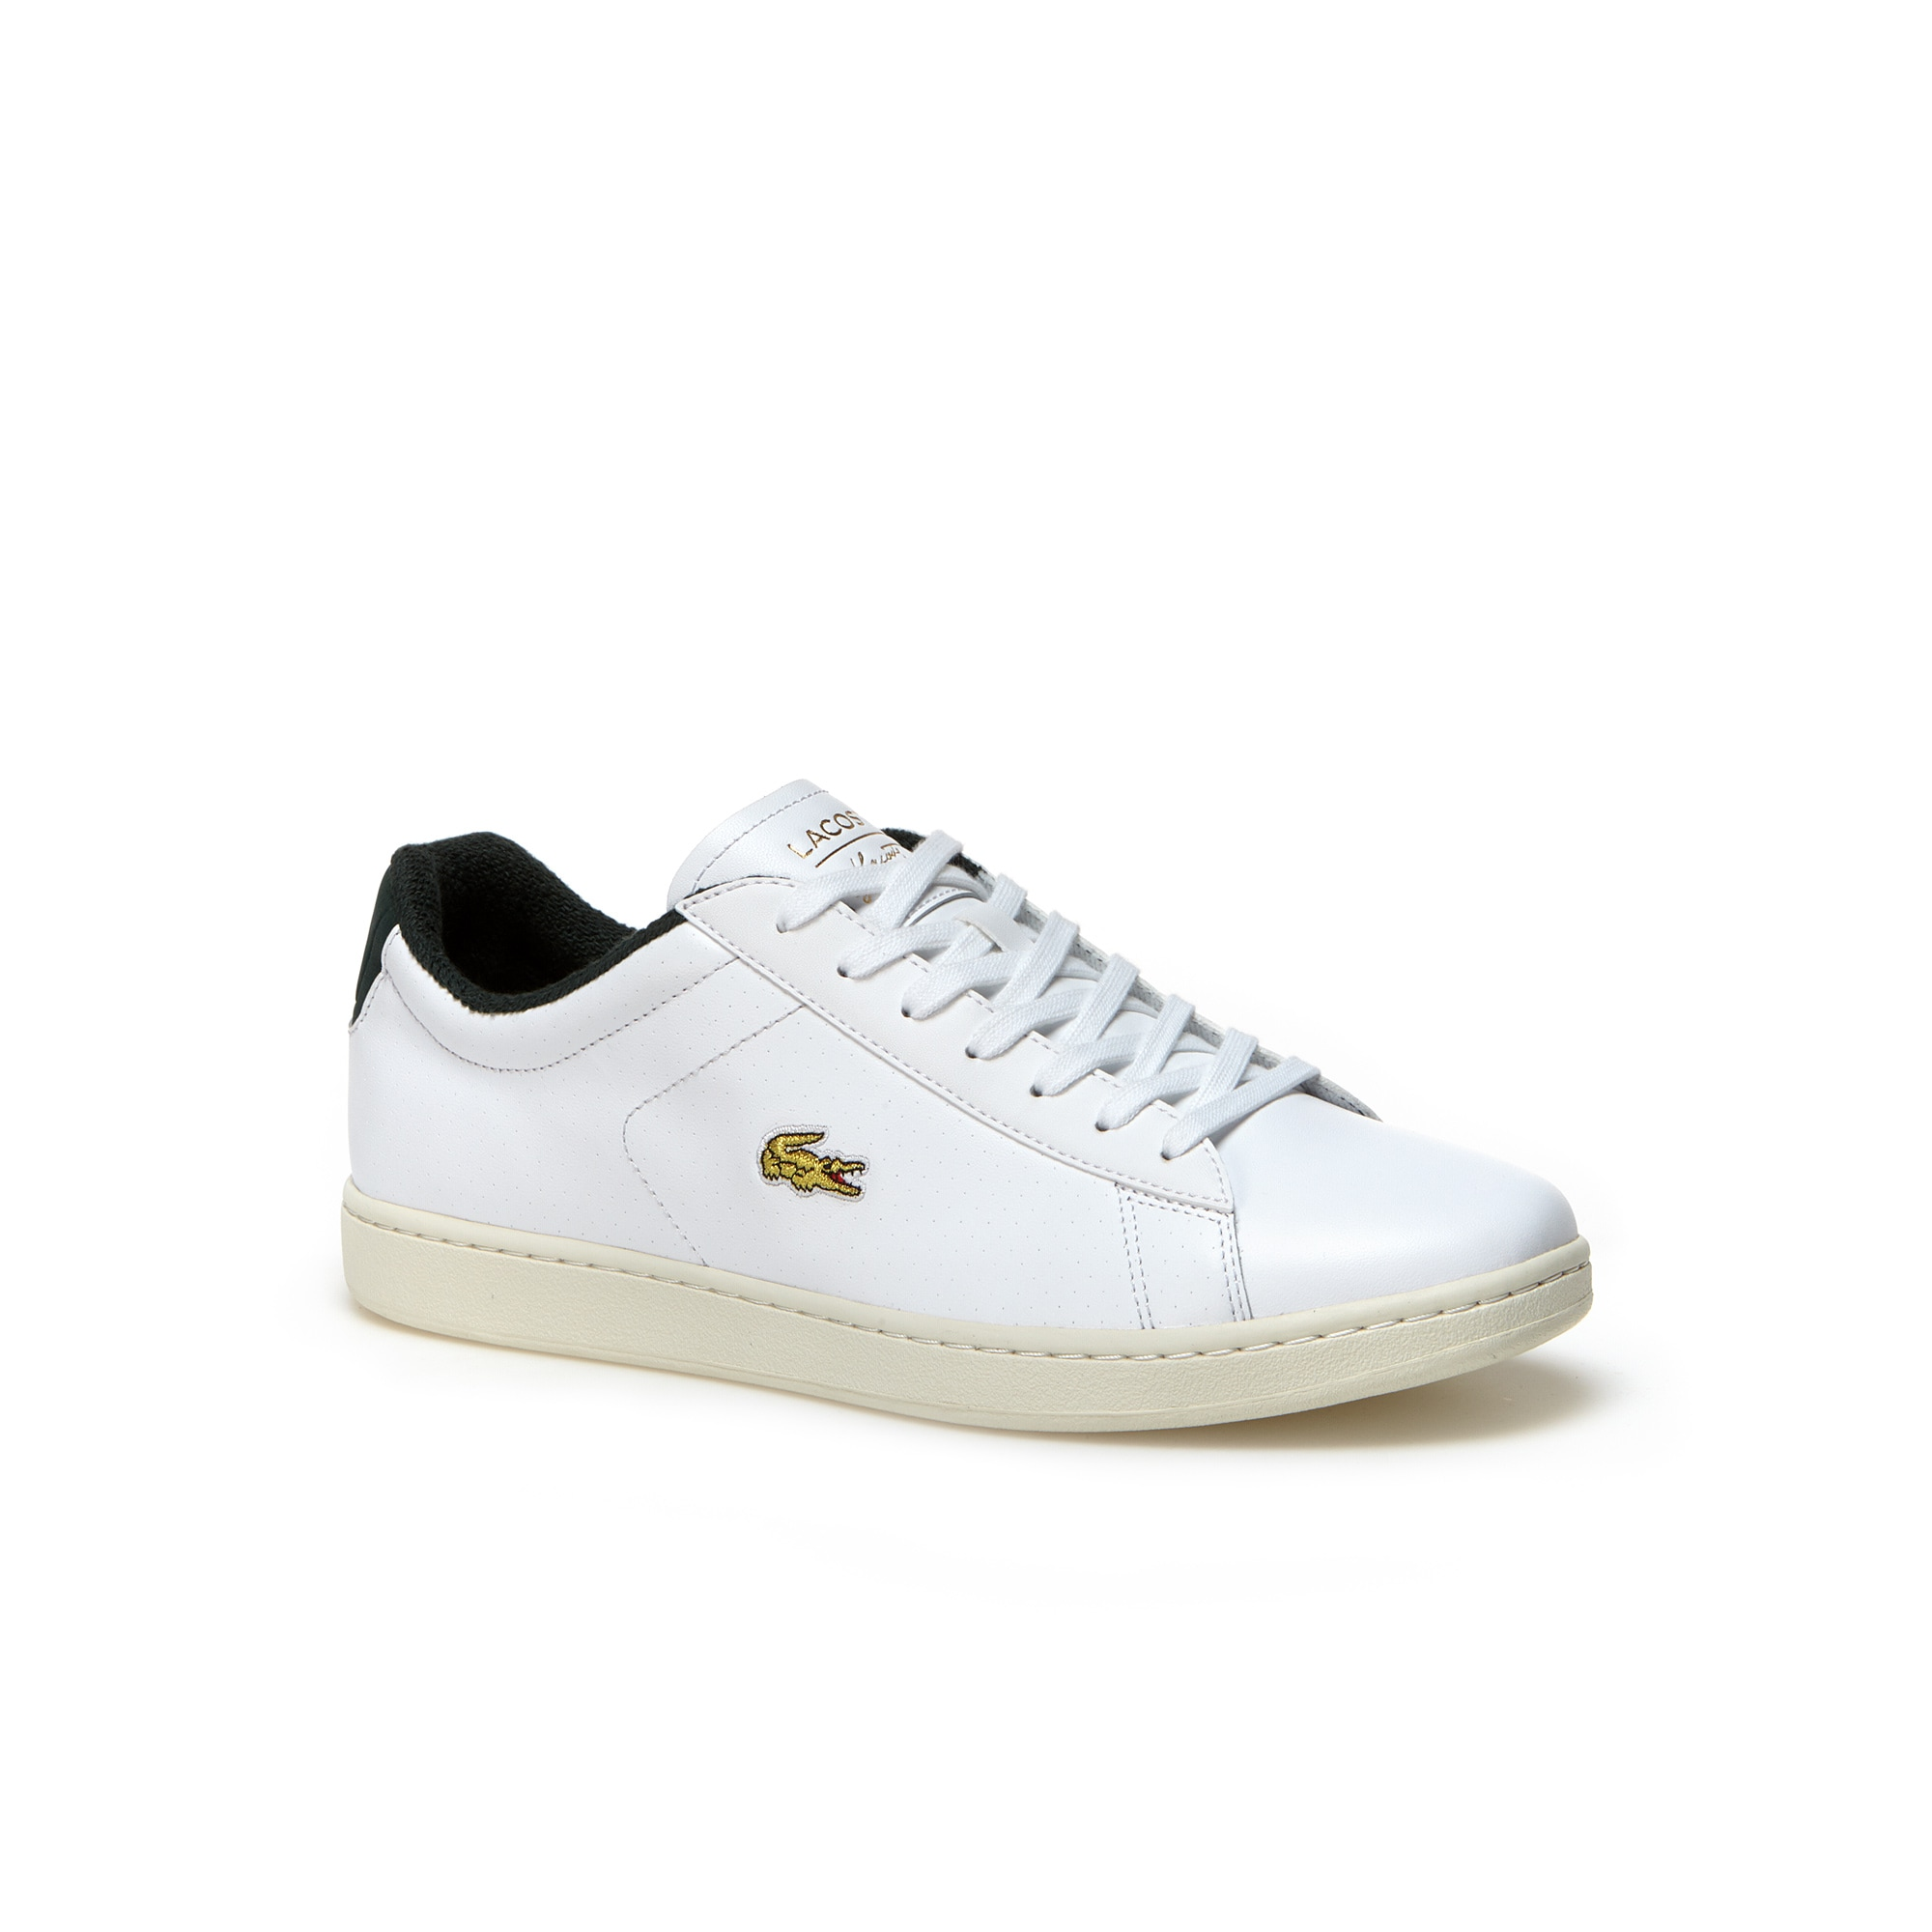 Sneakers Carnaby Evo en cuir et croco or